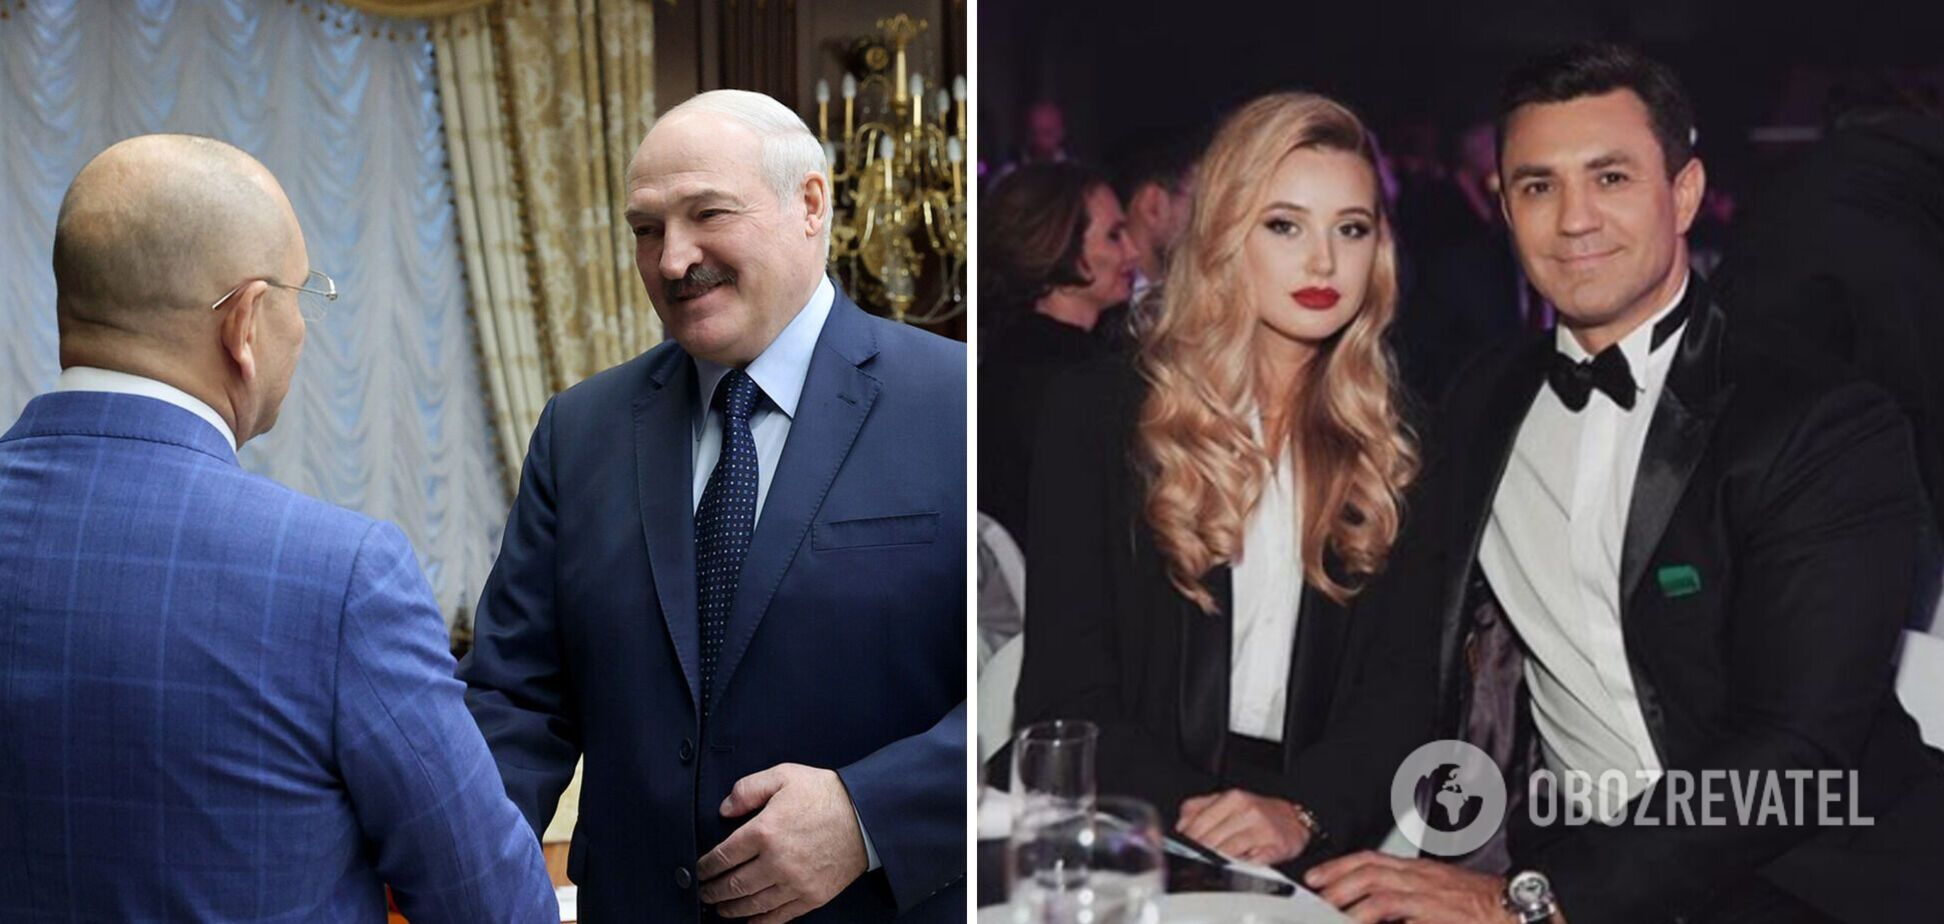 'Слуги' вынесут на фракцию скандалы с Тищенко и Шевченко: подробности